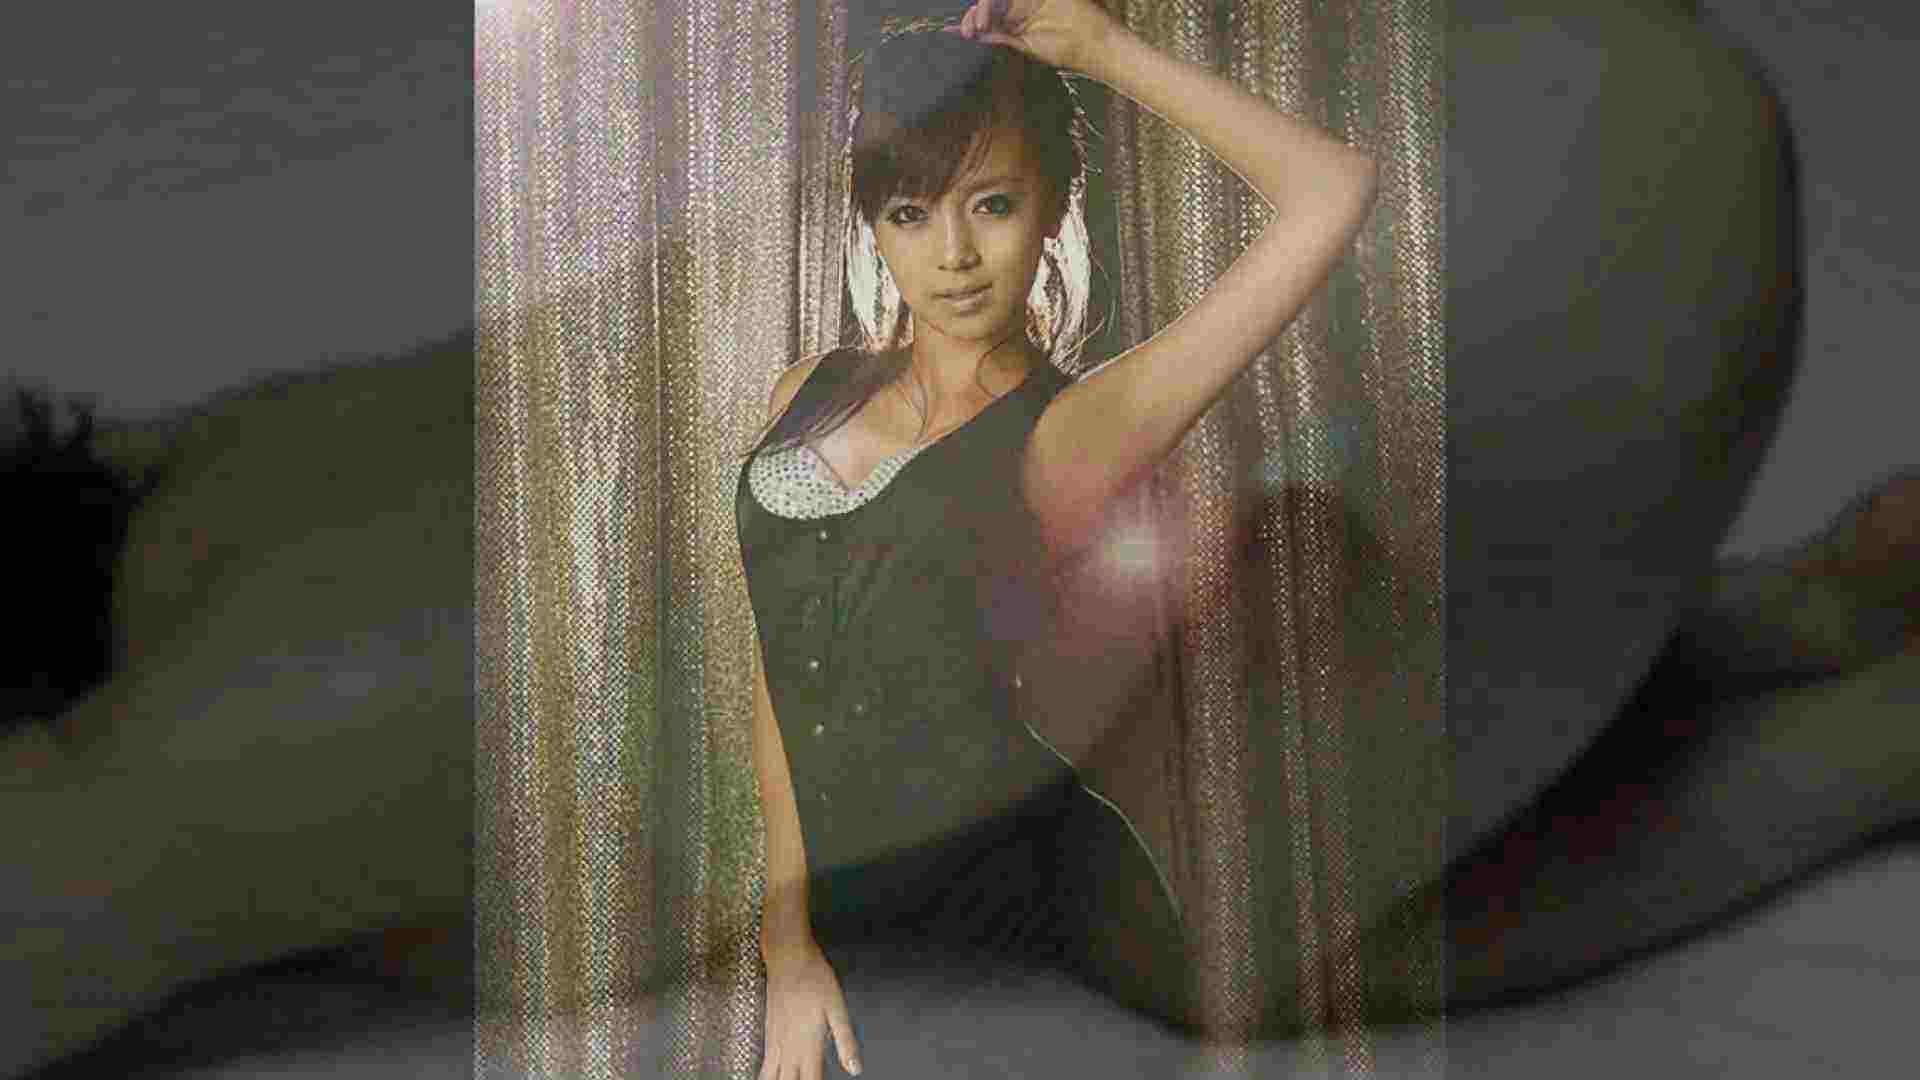 キレイに撮れるんです!No12!韓国流出編Vol.17 OLセックス 隠し撮りセックス画像 109画像 42